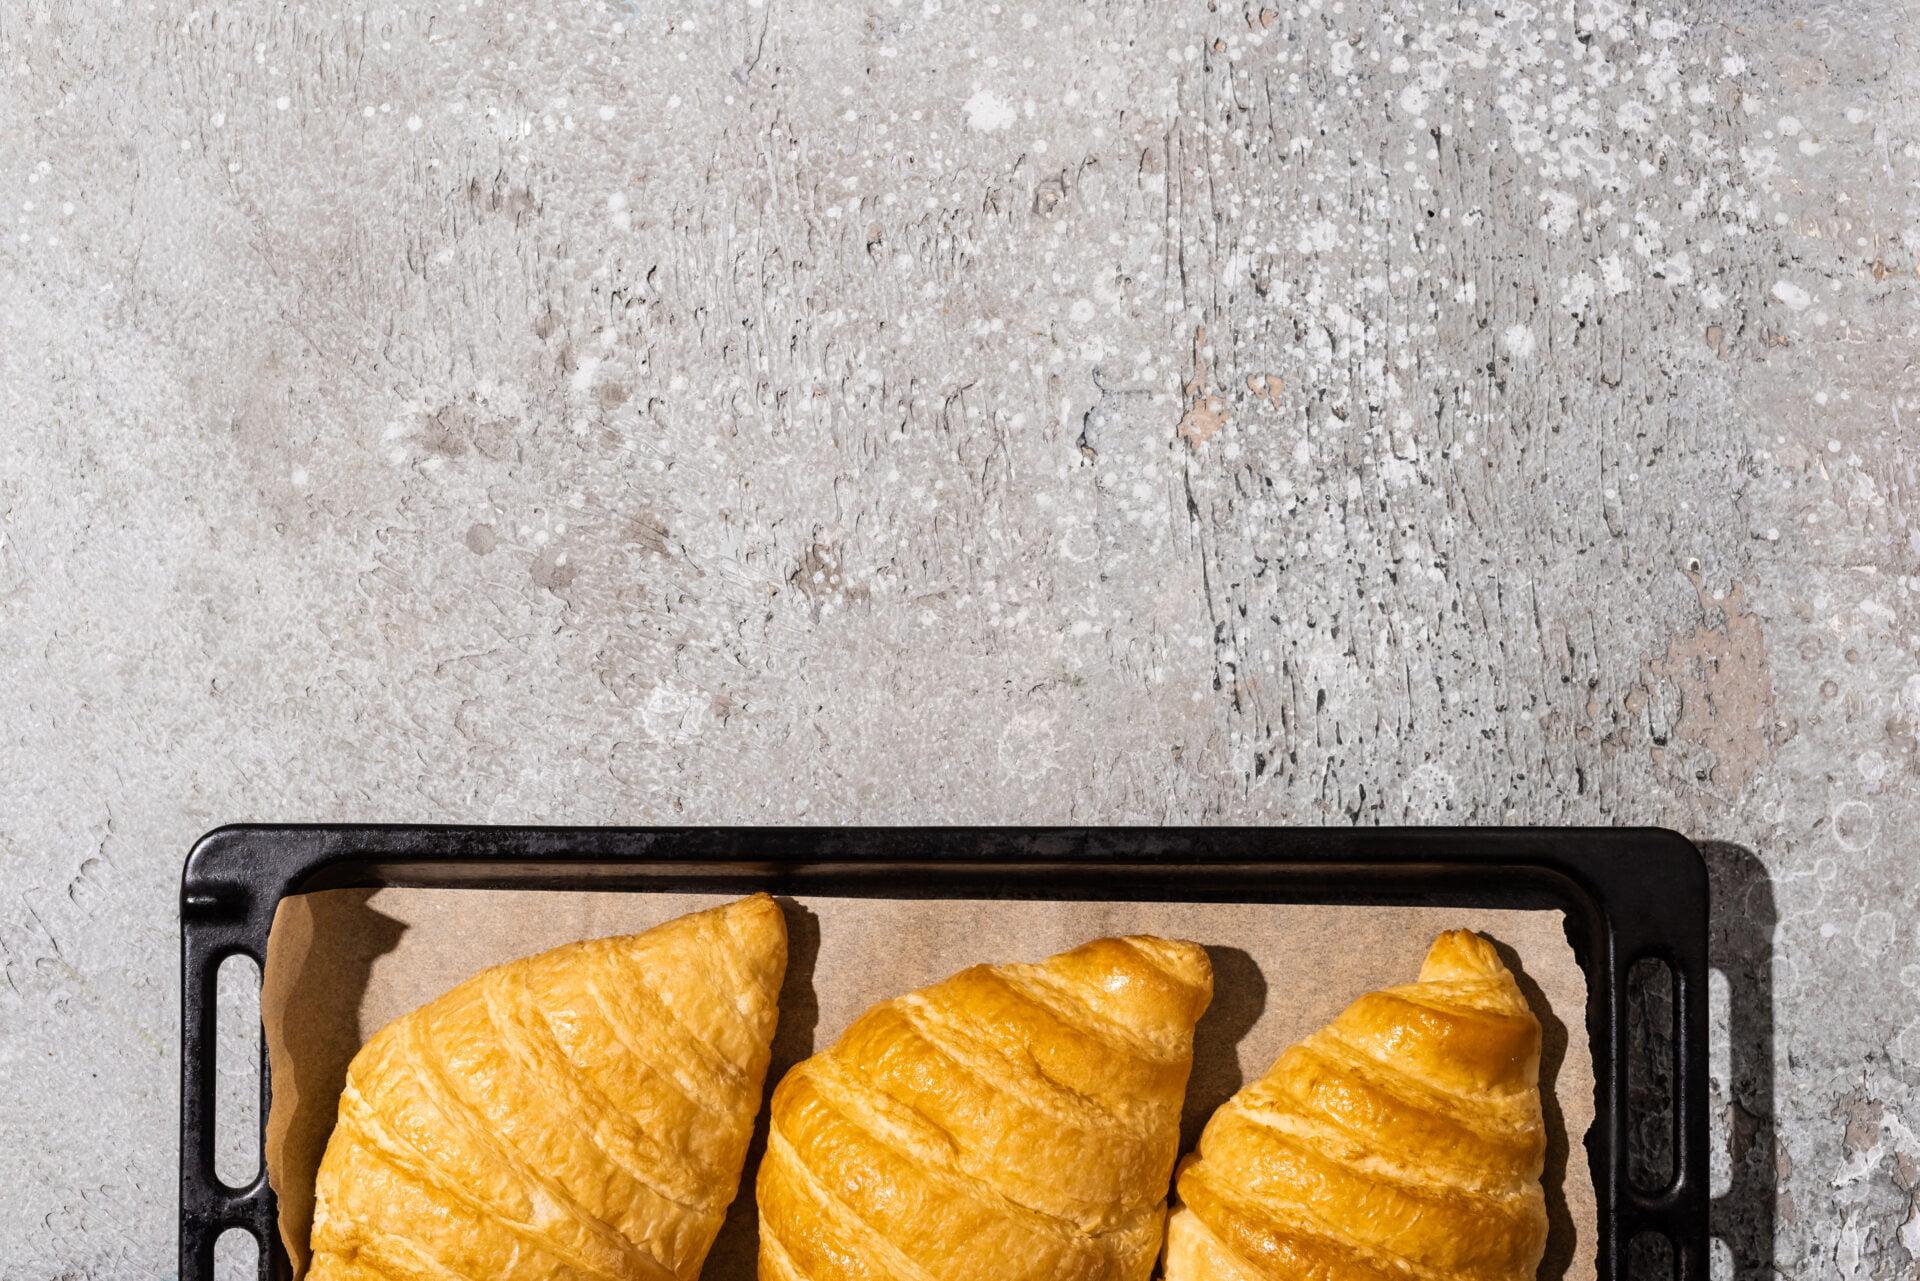 croissants on parchment paper